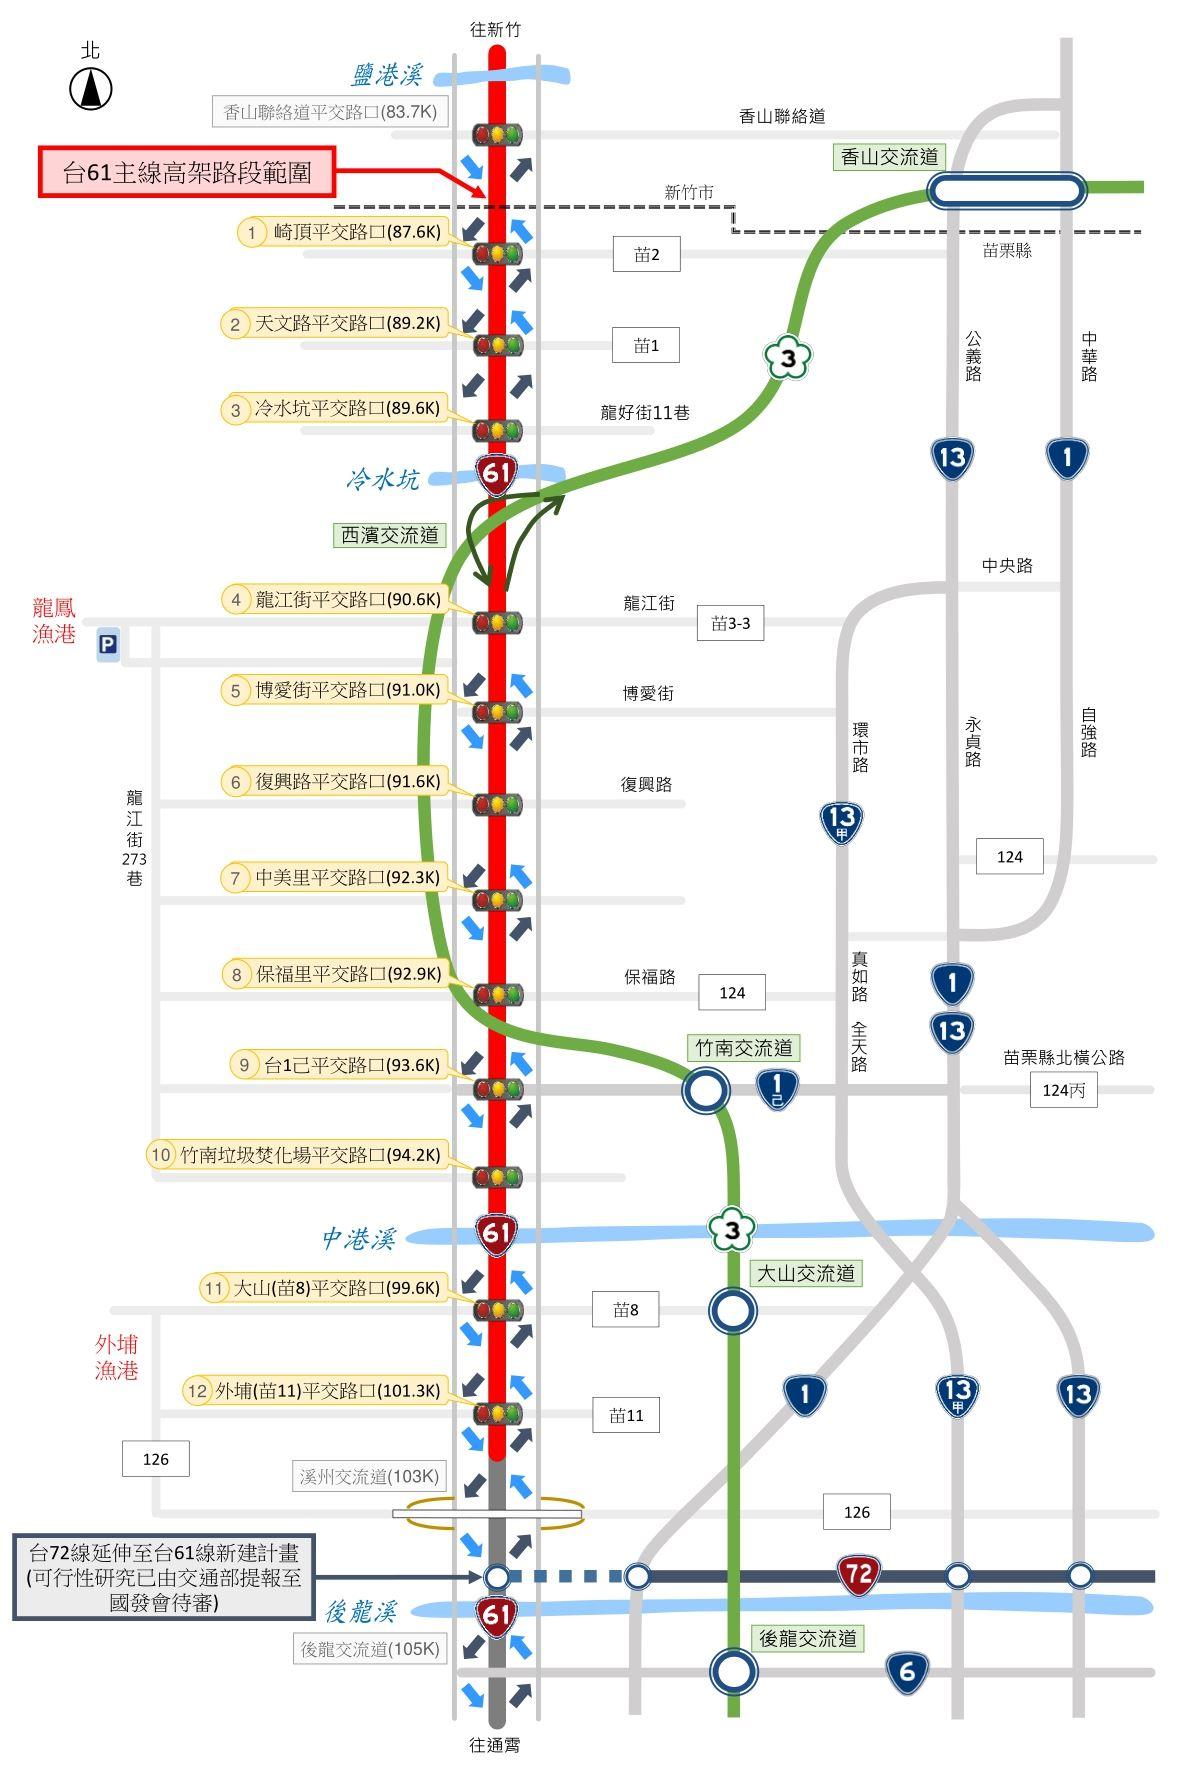 台61線於竹南鎮、後龍鎮等12處平交路口立體化示意圖